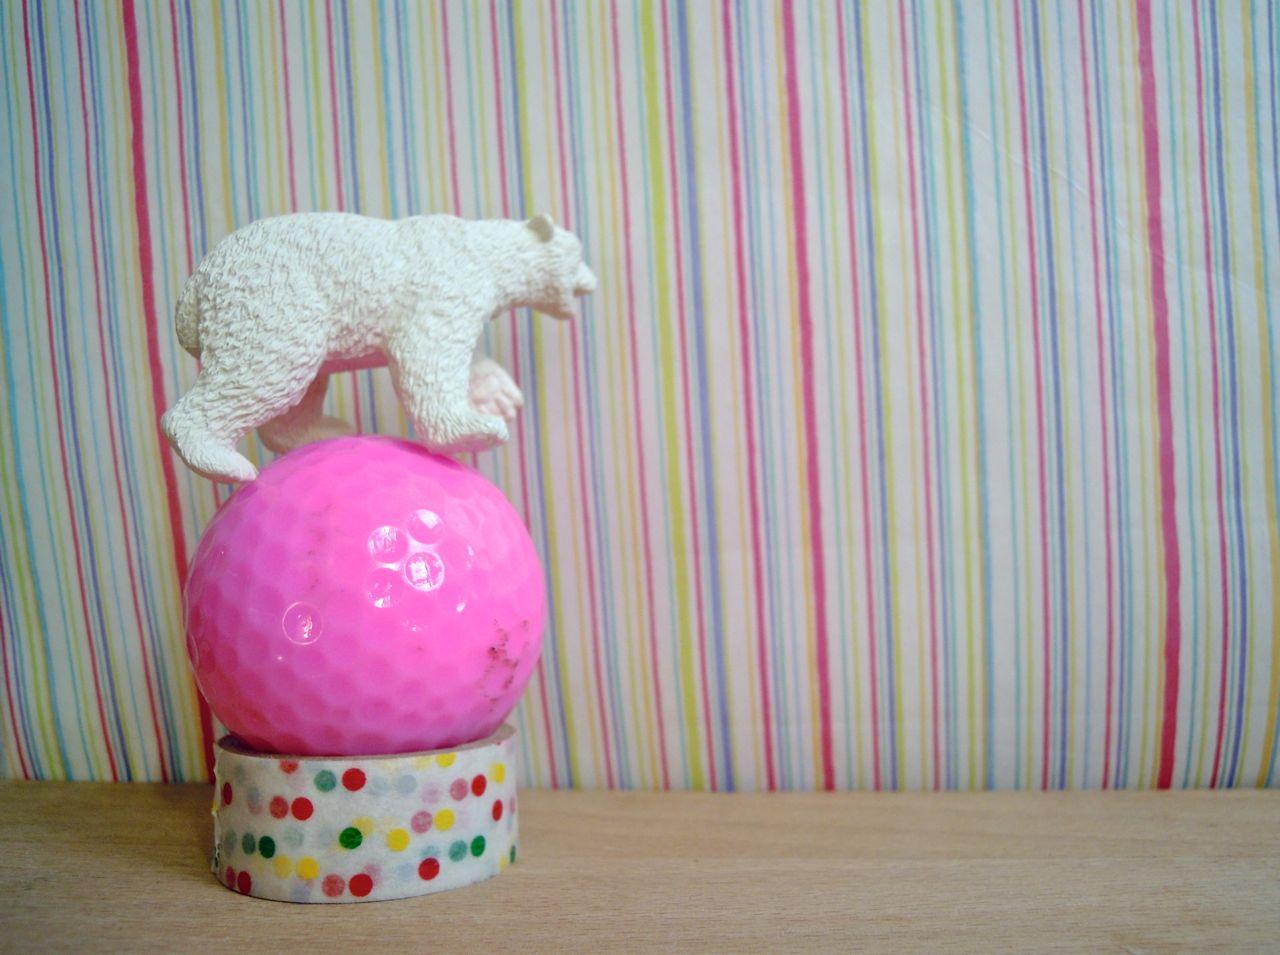 circus-ball